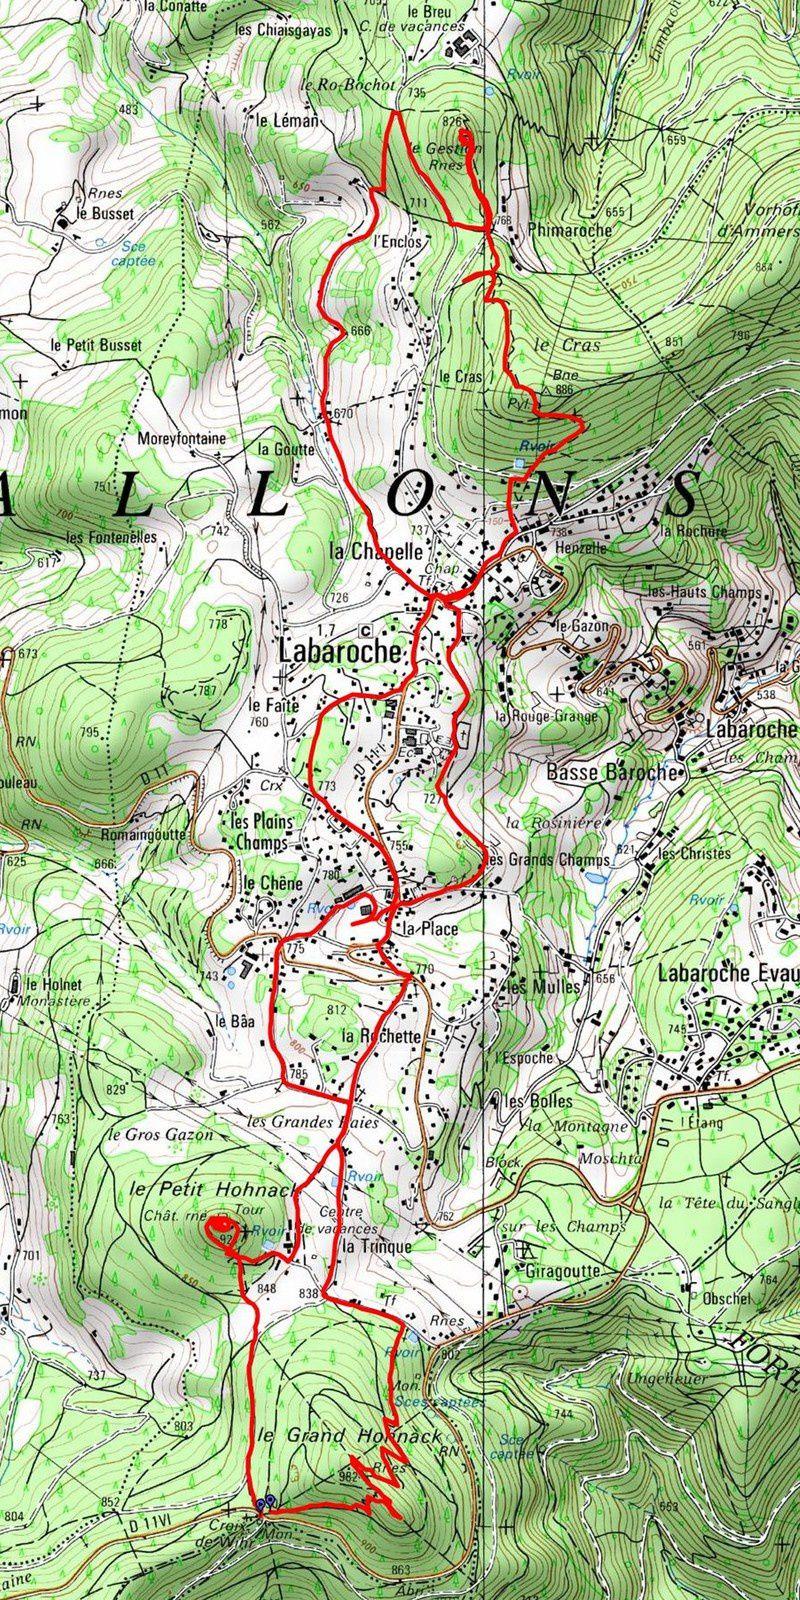 L'itinéraire de la randonnée du 26 octobre